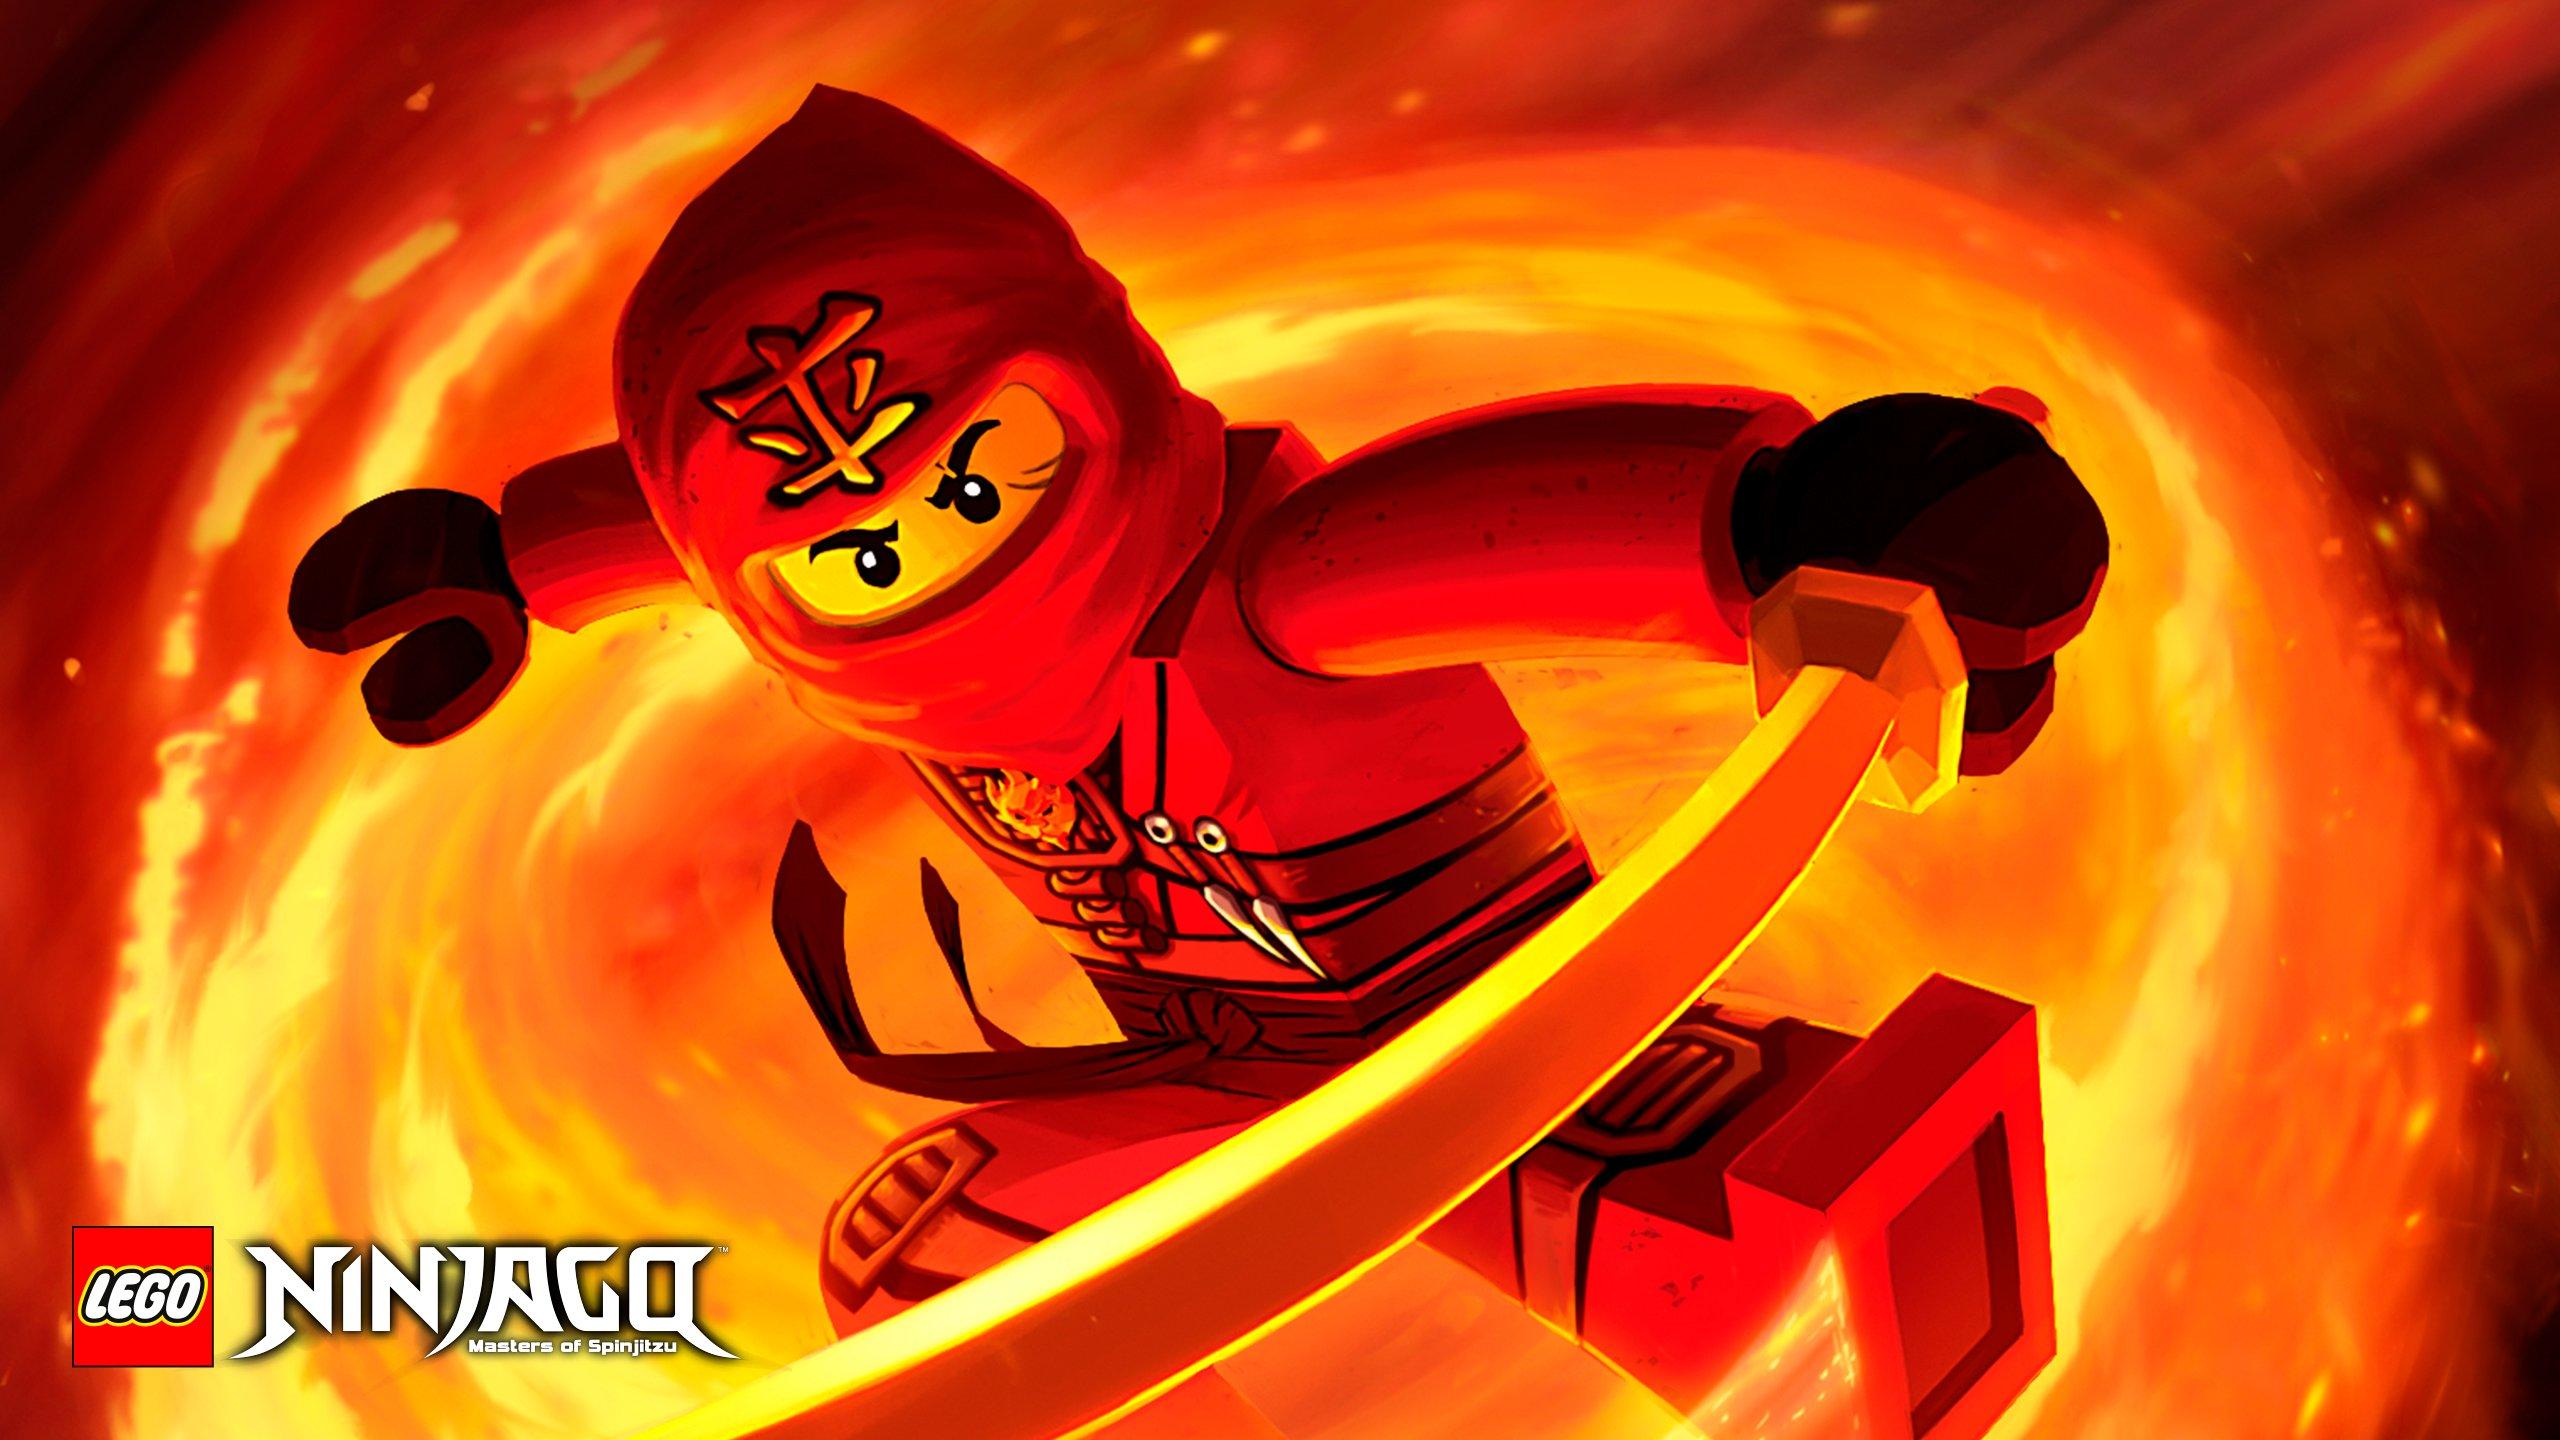 Kai Ninjago 2015 Lego ninjago 2015 kai kai kai 2560x1440